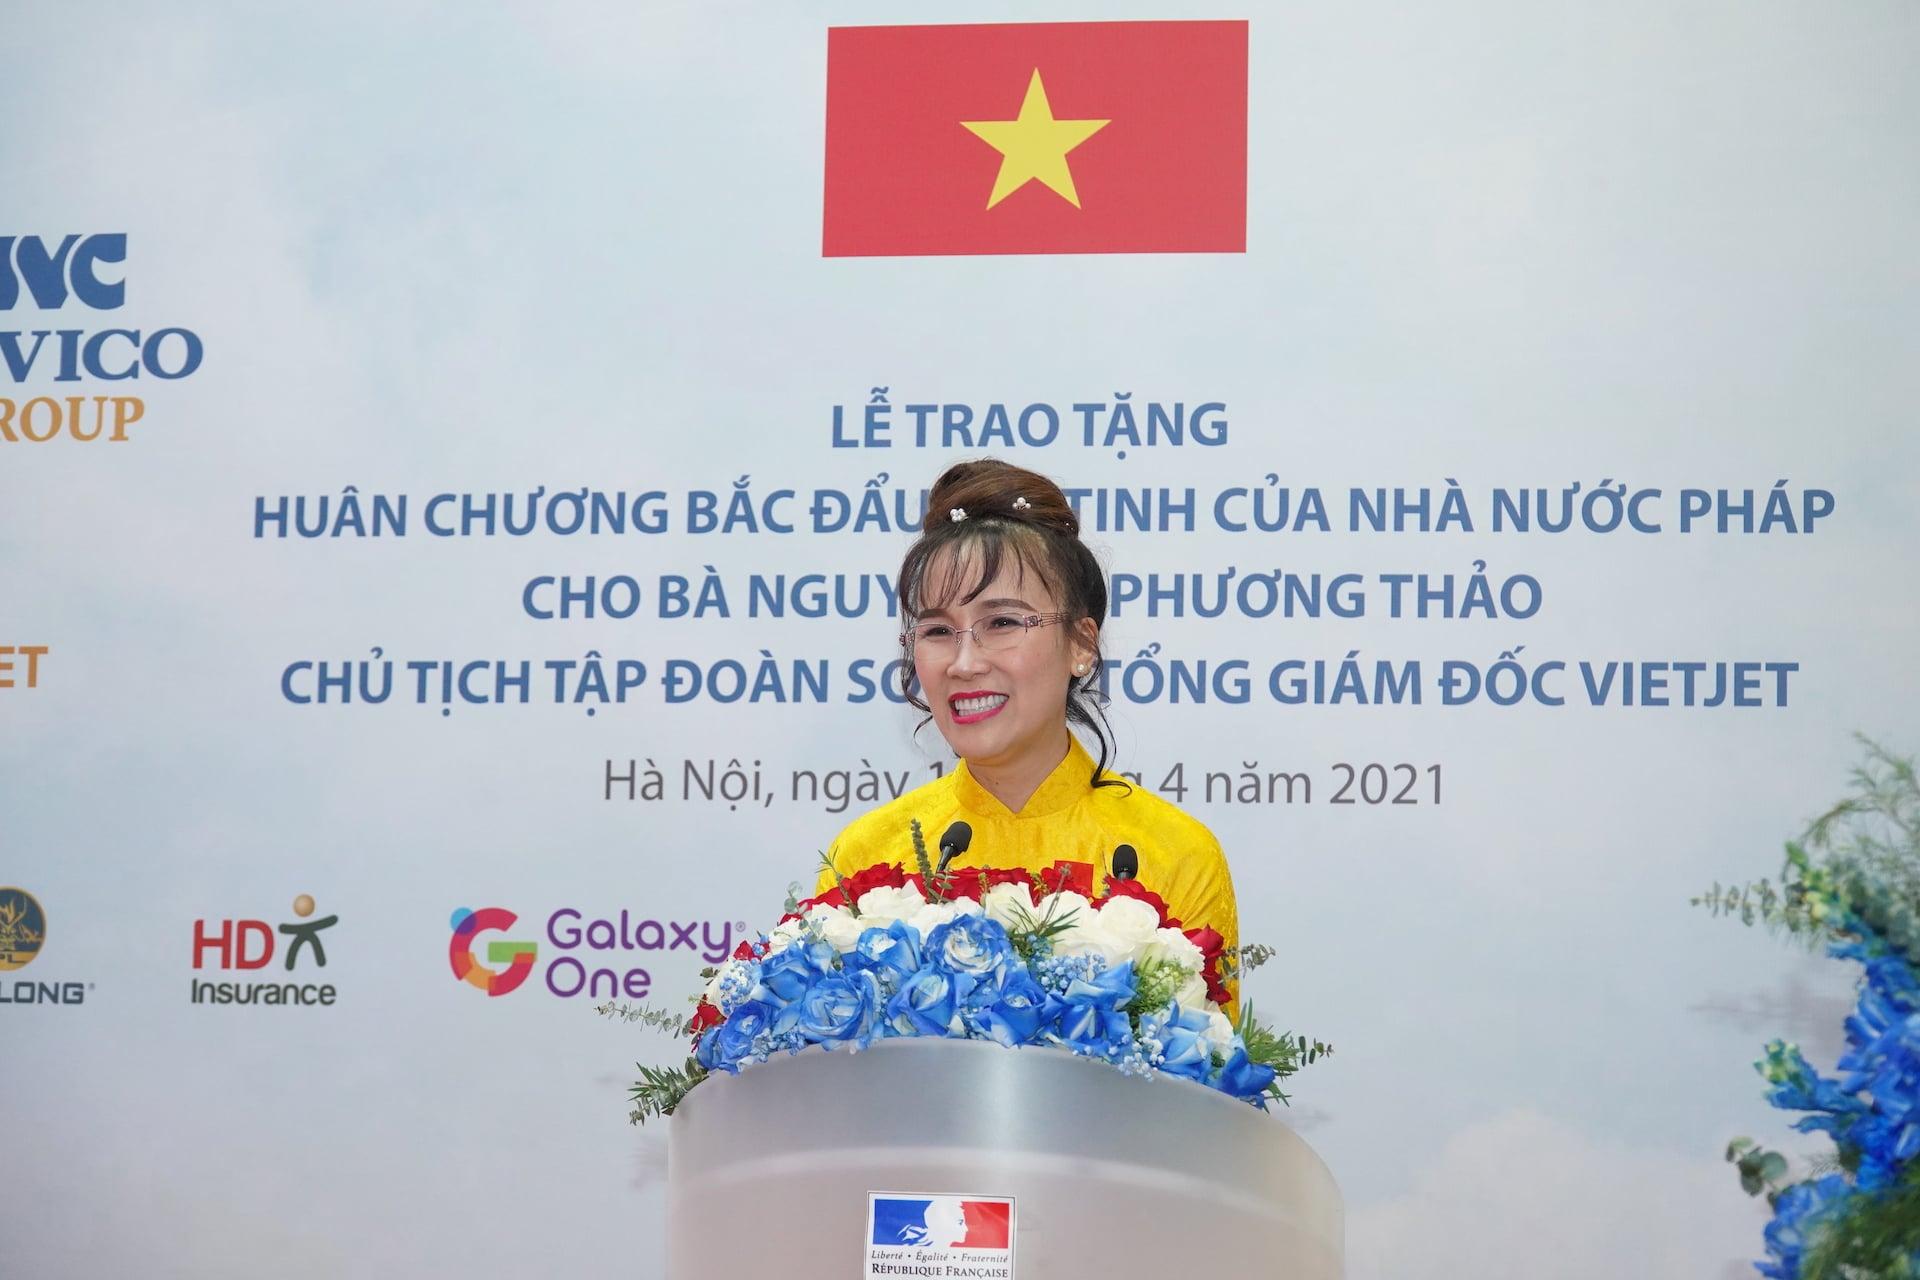 ba-nguyen-phuong-thao-nhan-huan-chuong